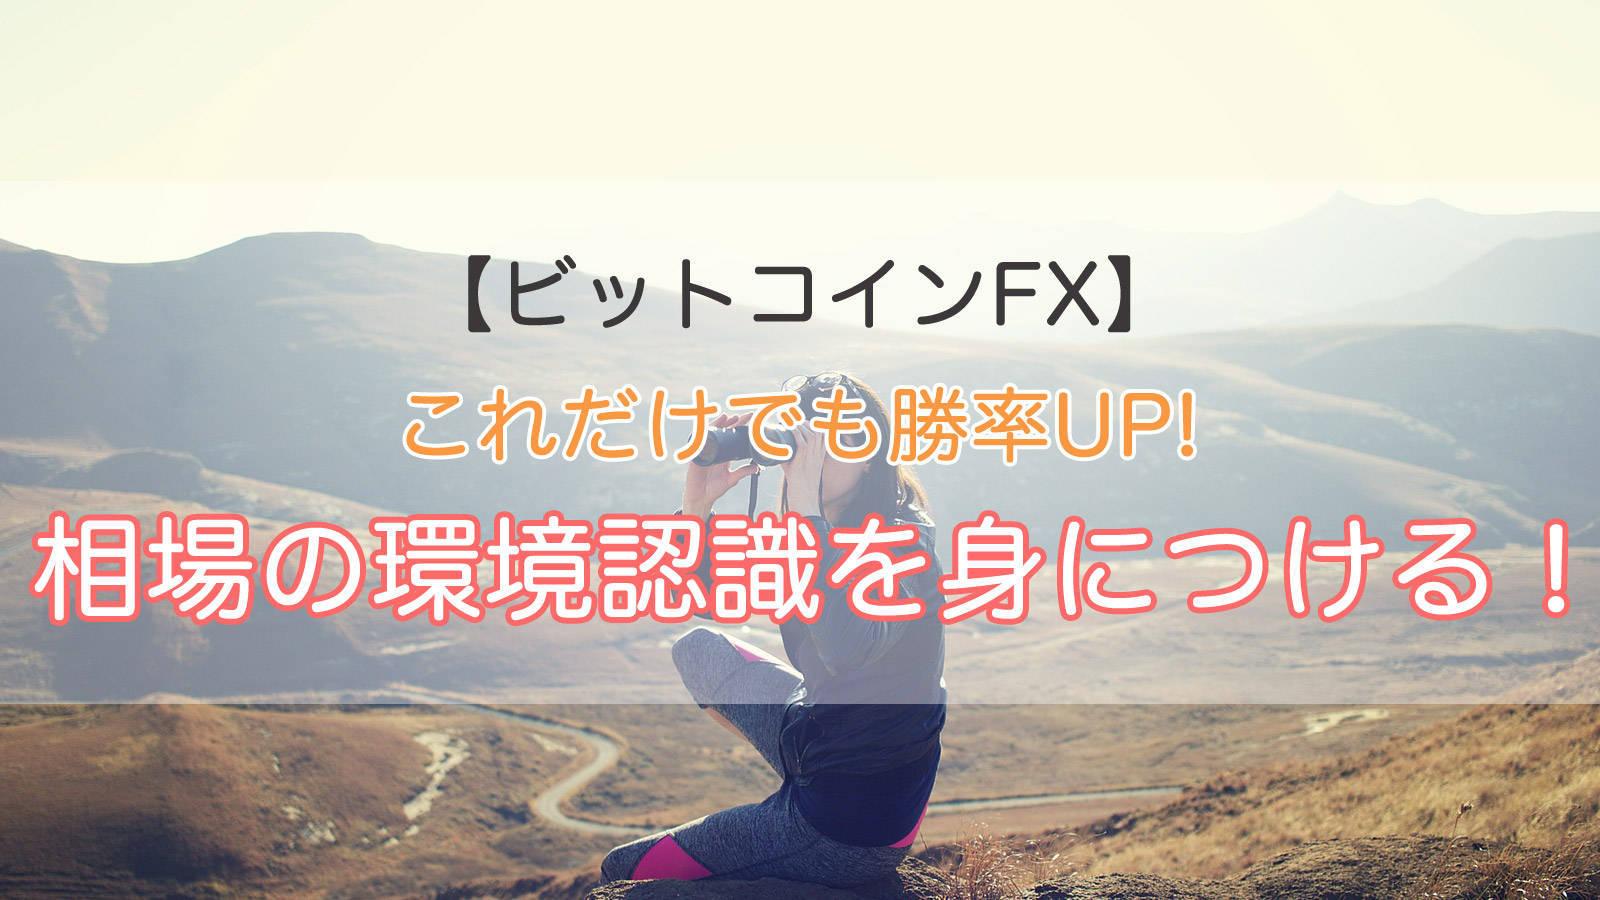 ビットコインFX|これだけでも勝率UP!相場の環境認識を身につける!